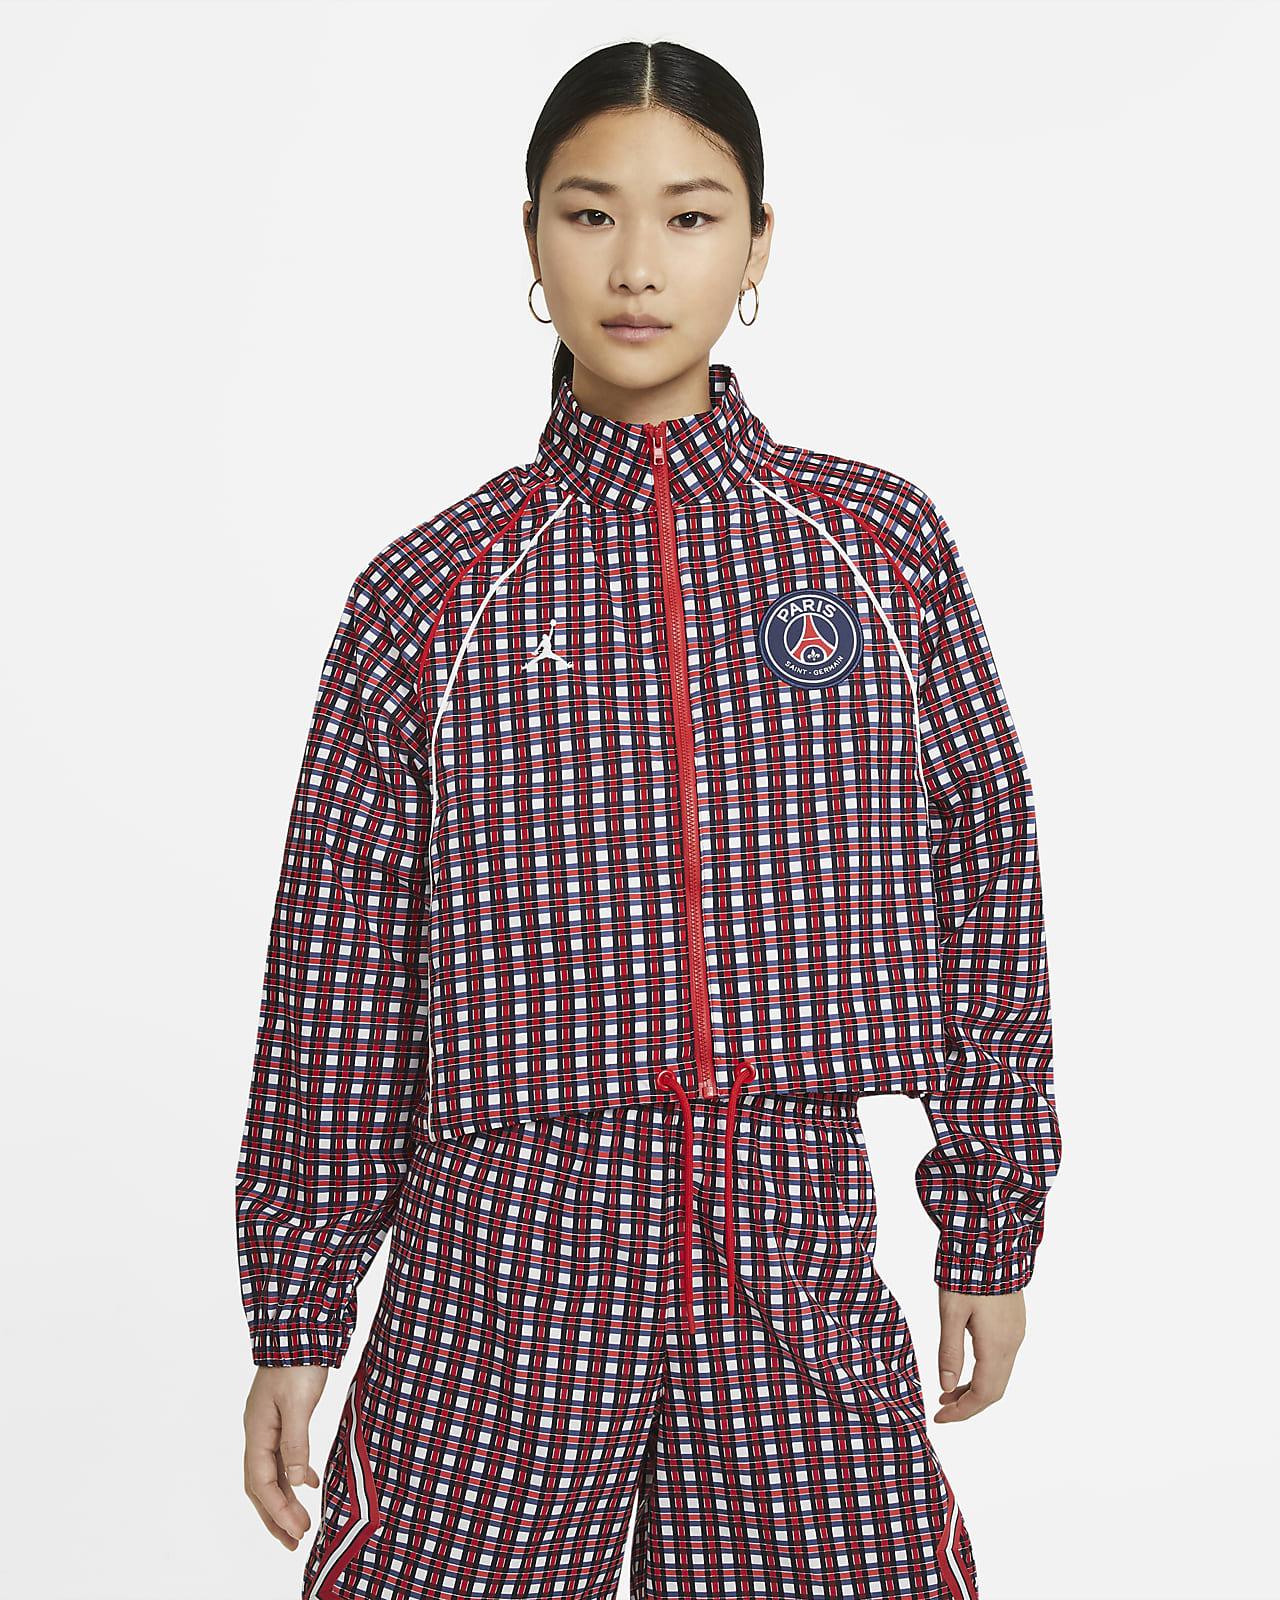 巴黎圣日耳曼女子梭织夹克